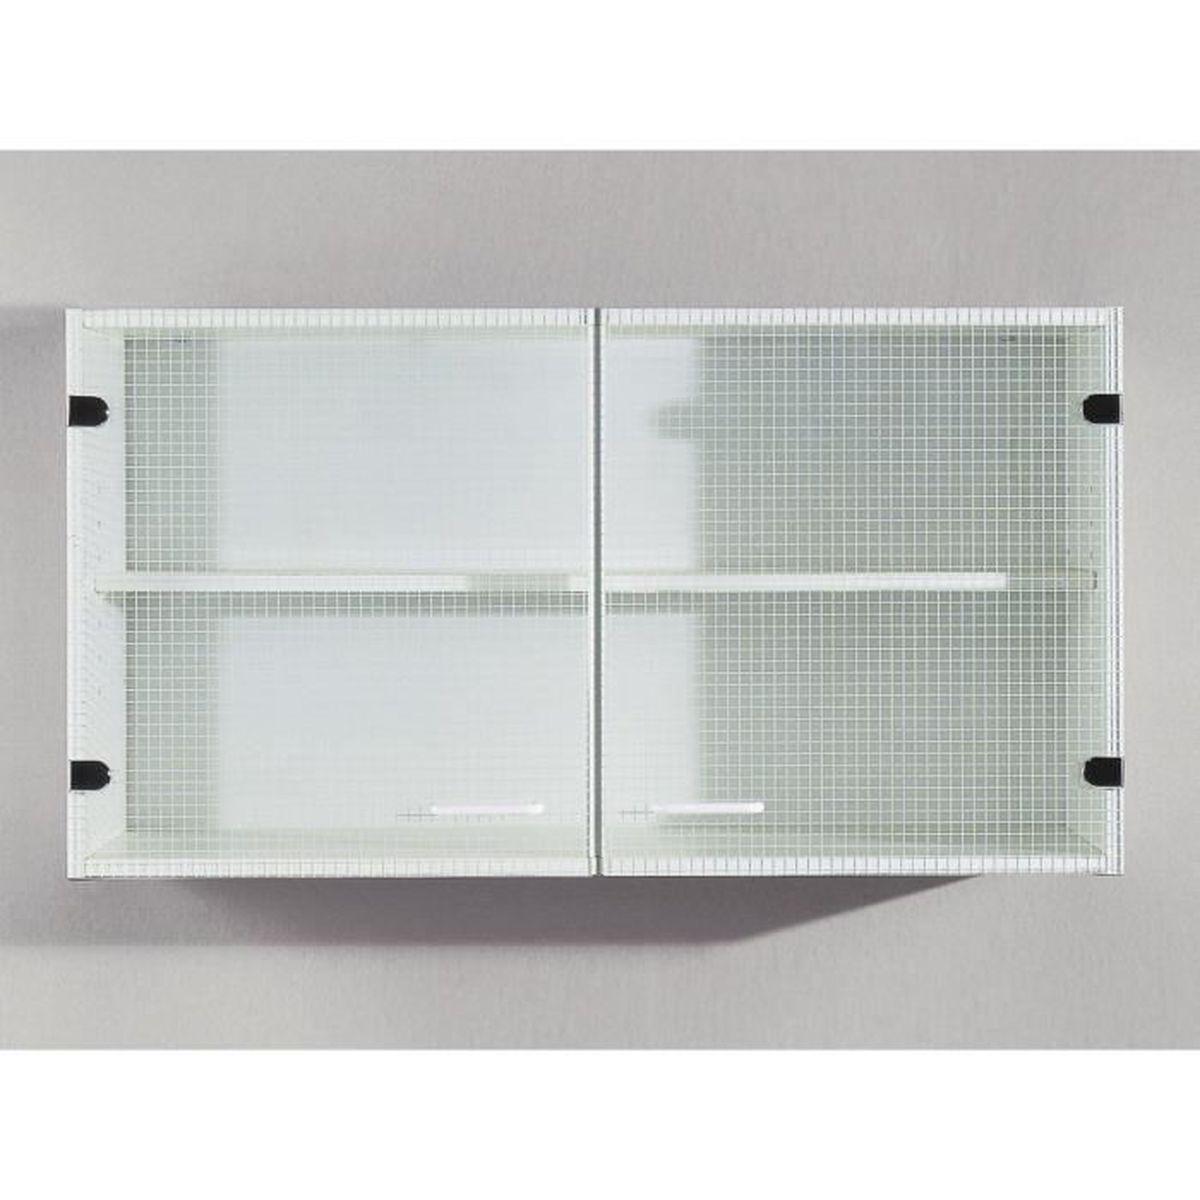 meuble cuisine blanc vitre - achat / vente meuble cuisine blanc ... - Meuble Haut De Cuisine Pas Cher